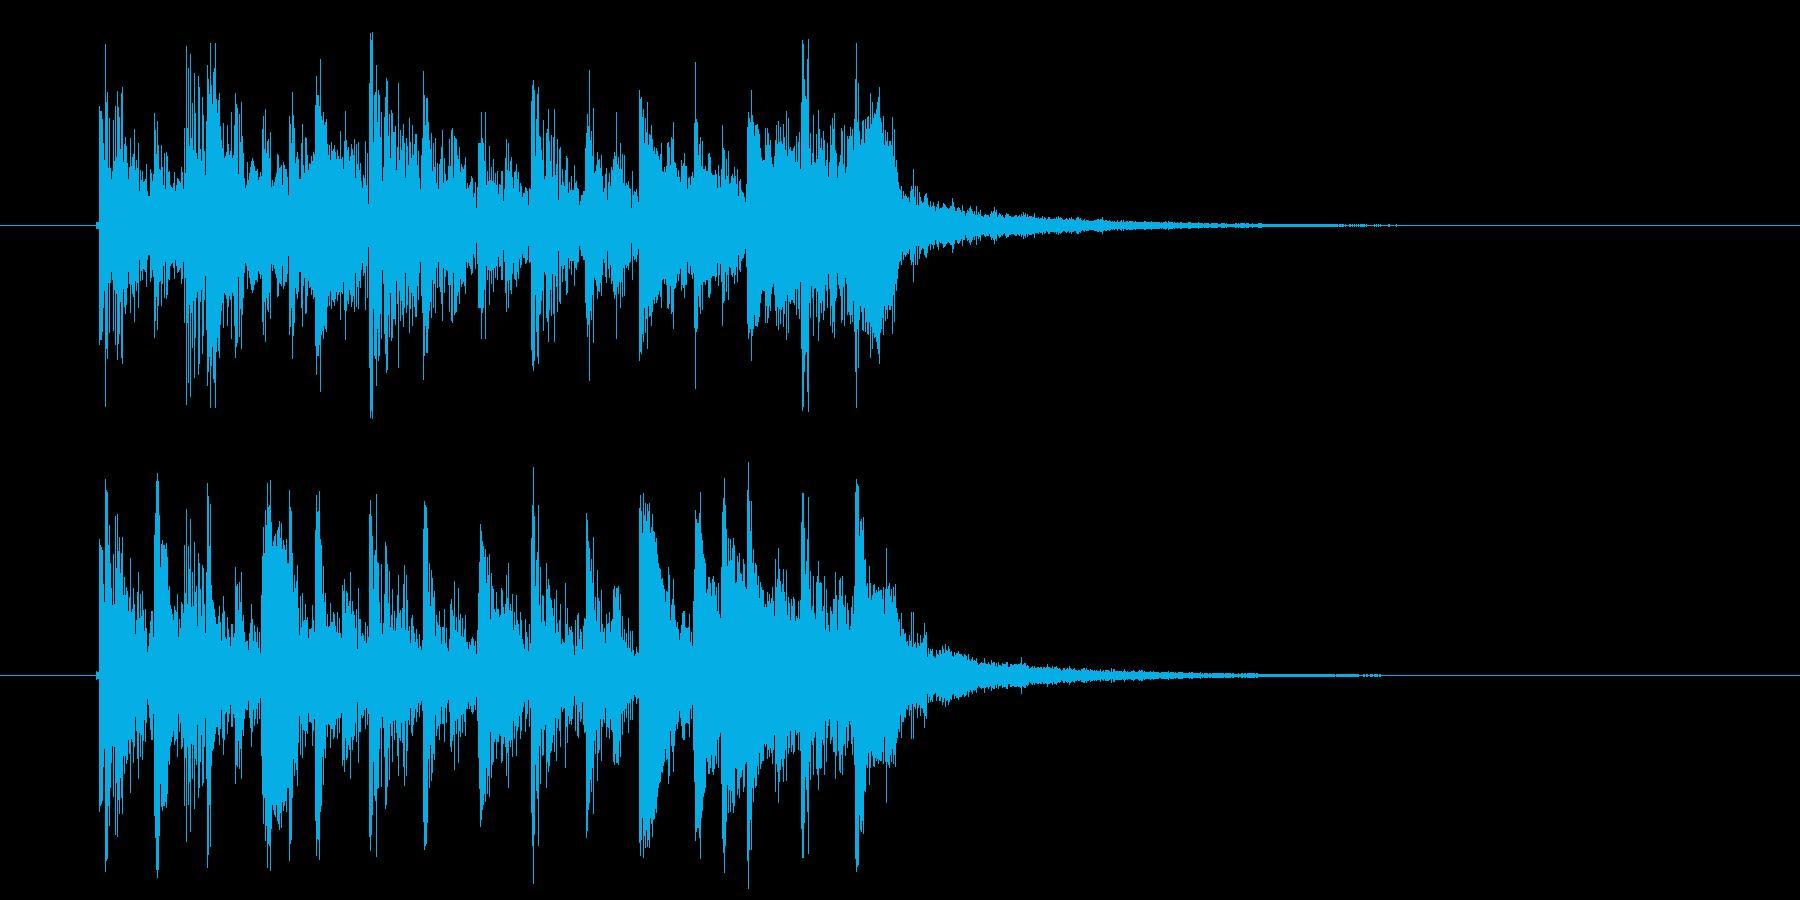 琴にリバーブがかかった音色の短い楽曲の再生済みの波形